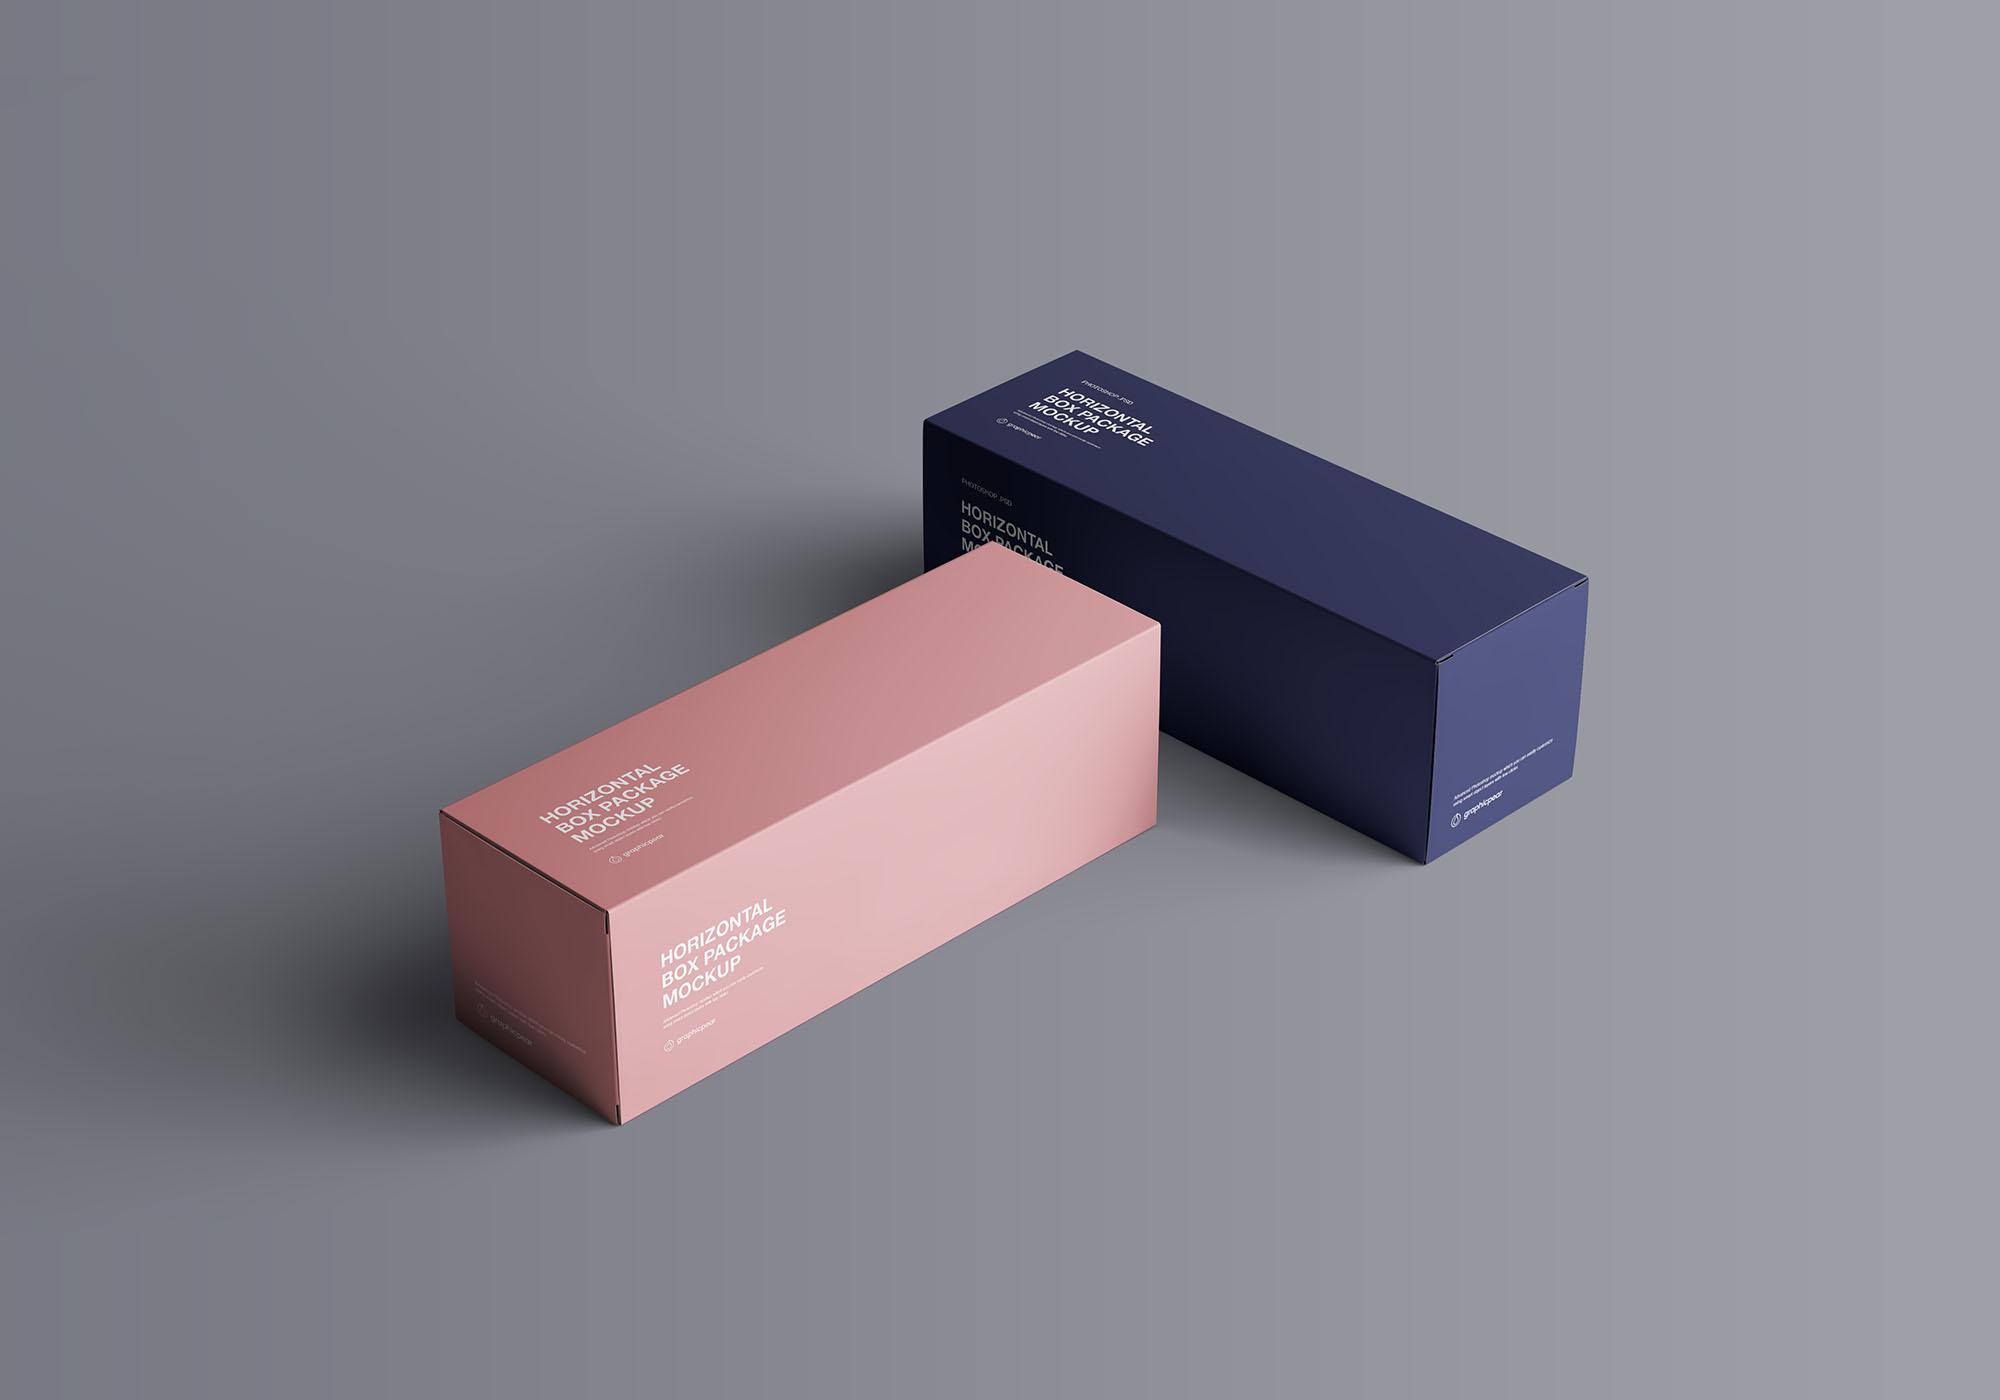 简约包装护肤品长型包装展示样机 Horizontal Package Box Mockup